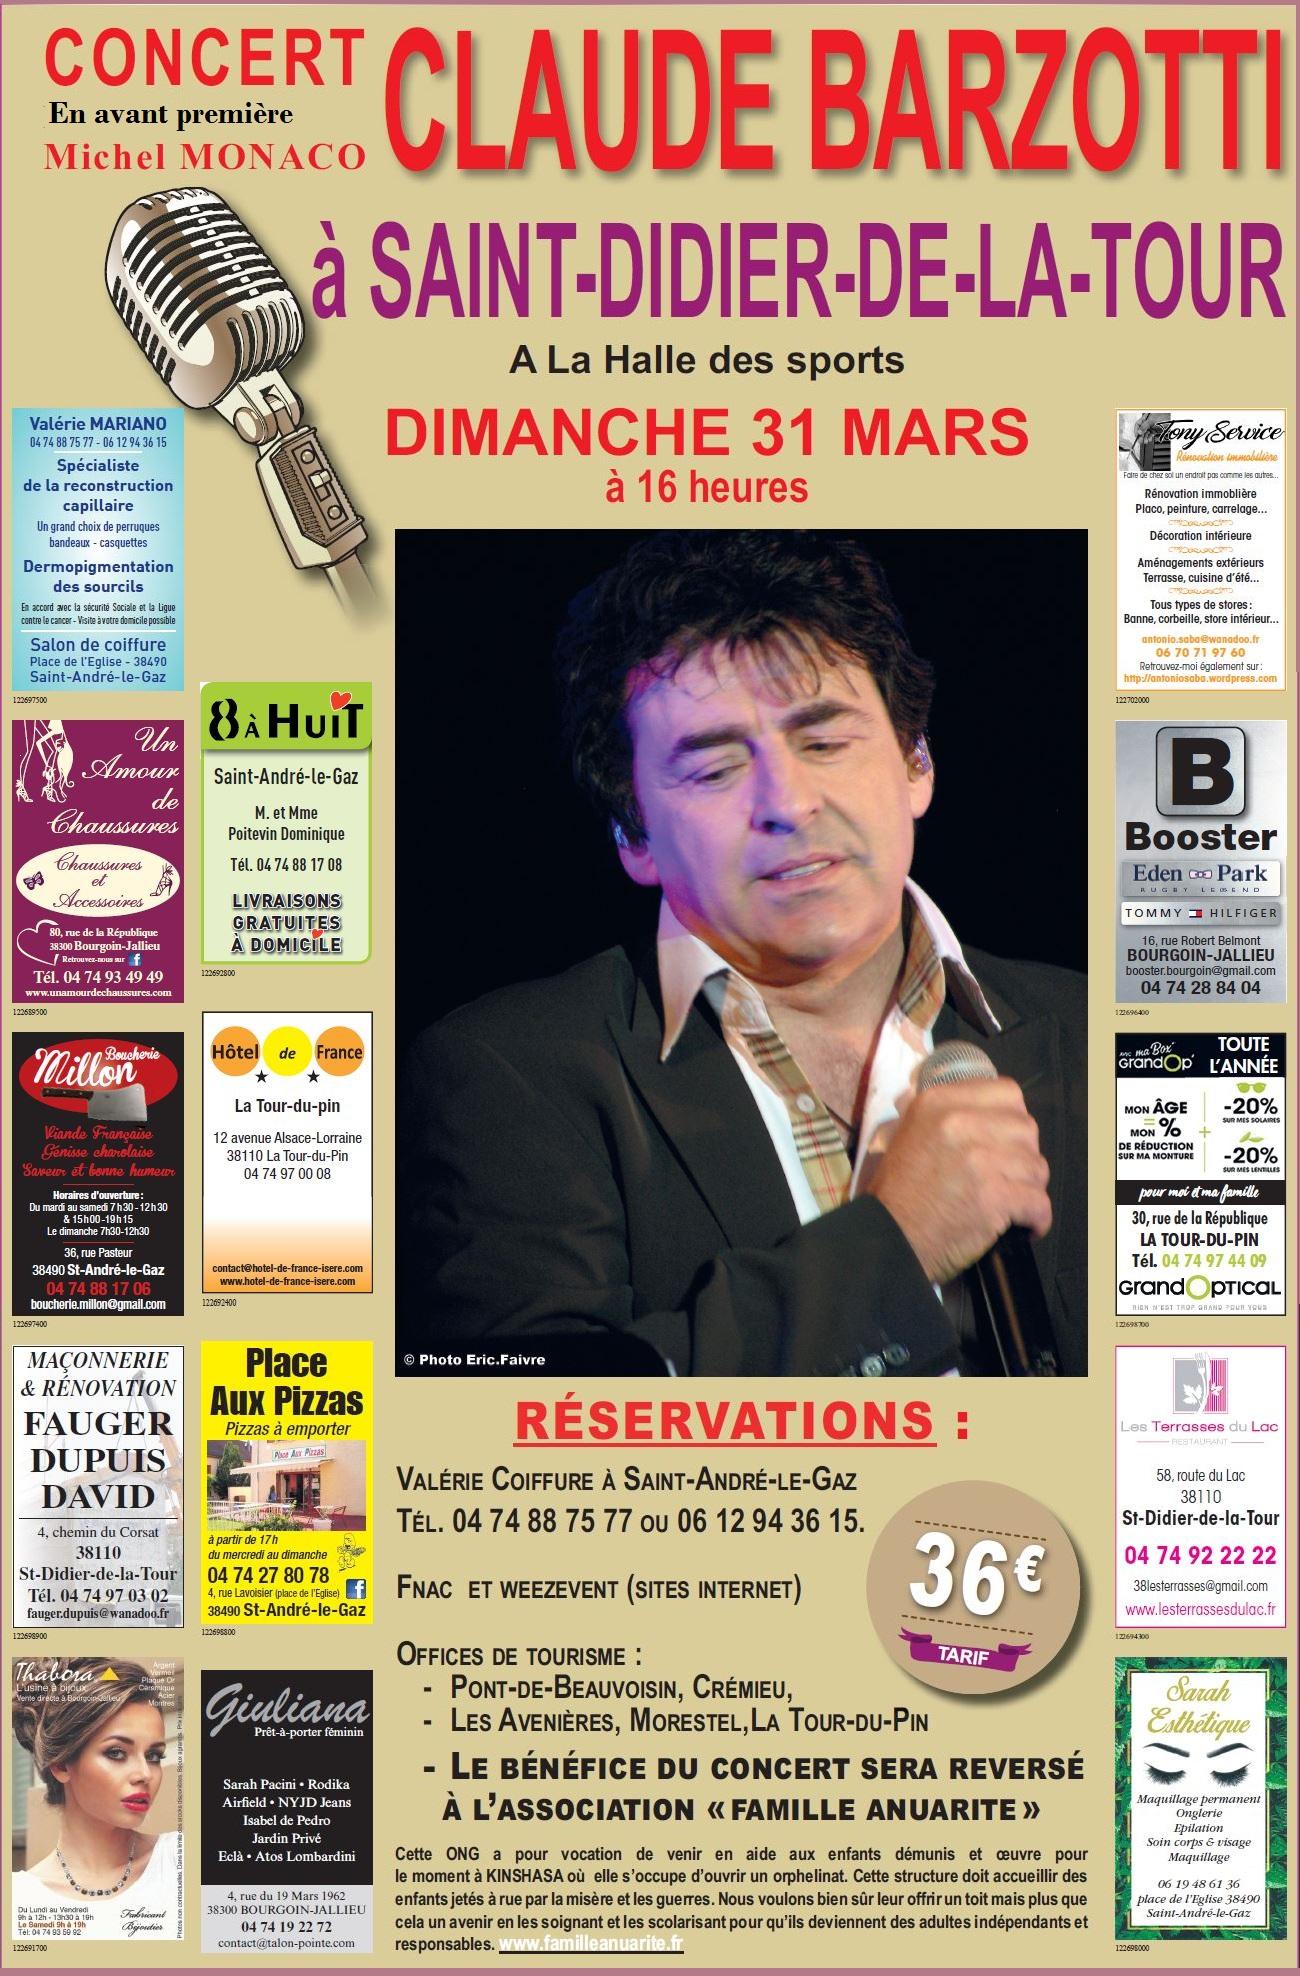 affiche publicitaire concert barzotti 31 mars 2019